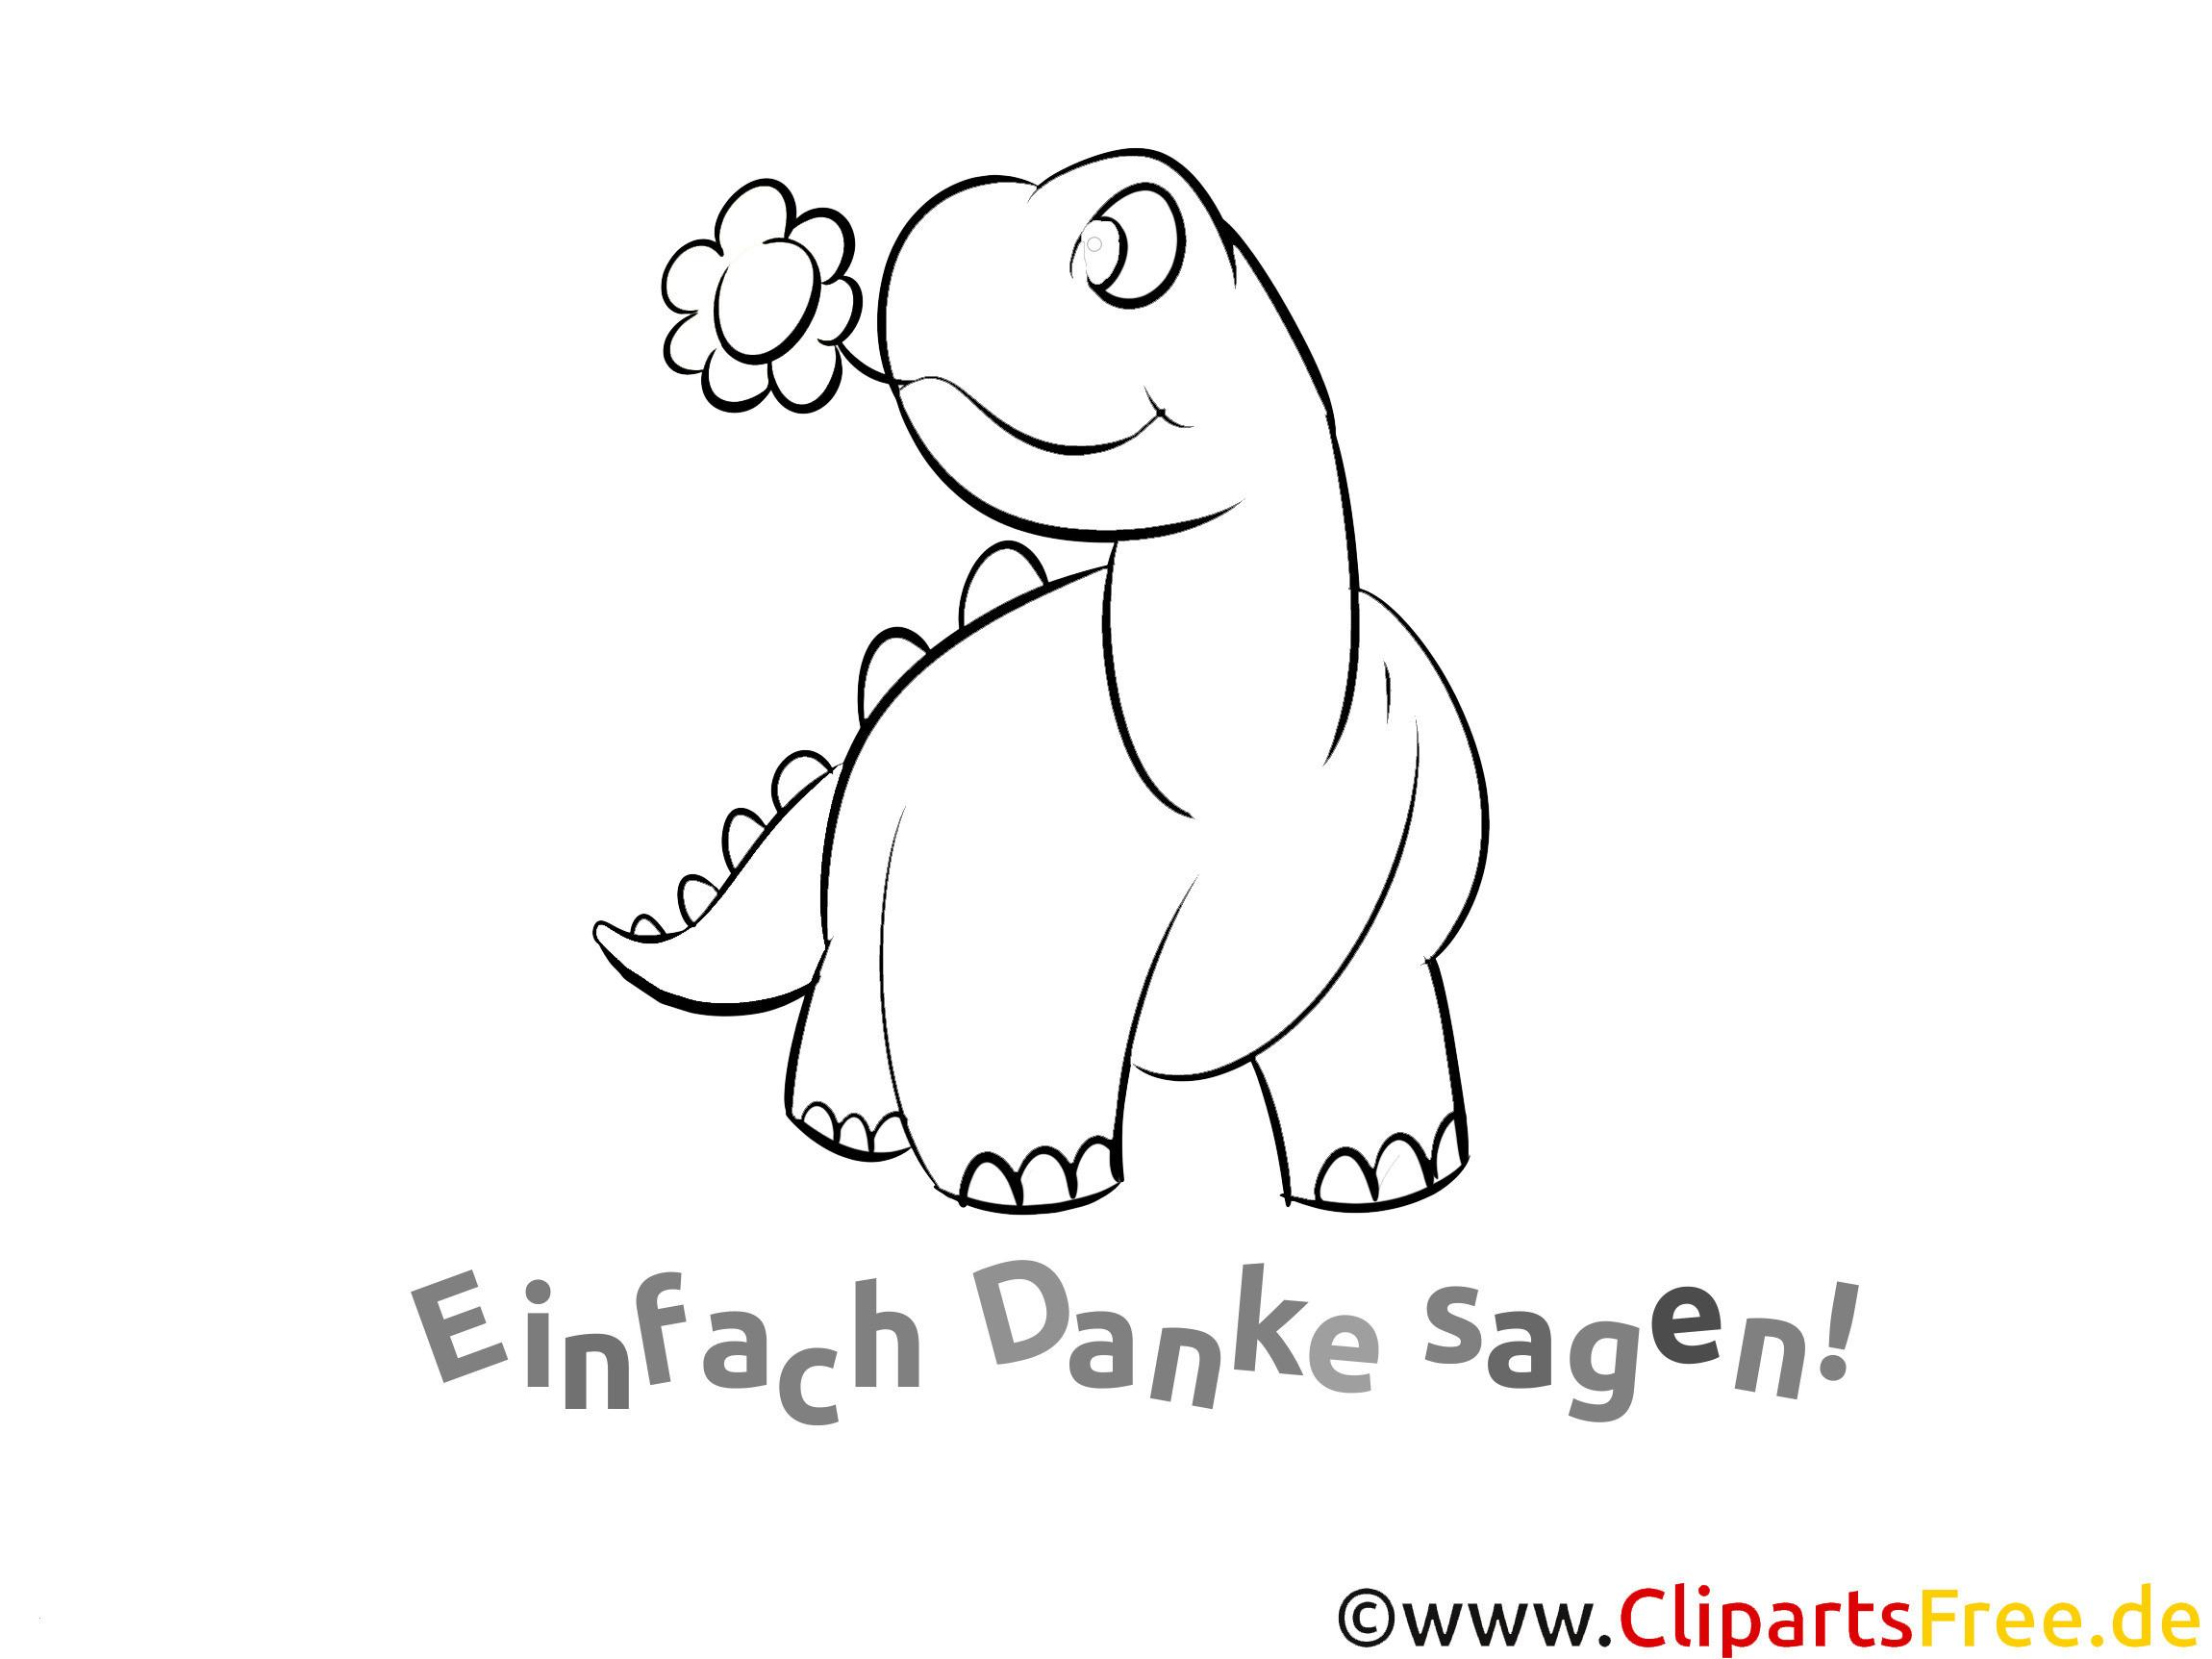 Herz Bilder Zum Ausmalen Genial Ausmalbilder Dinosaurier Kostenlos Ausdrucken Schön Dinosaurier Stock